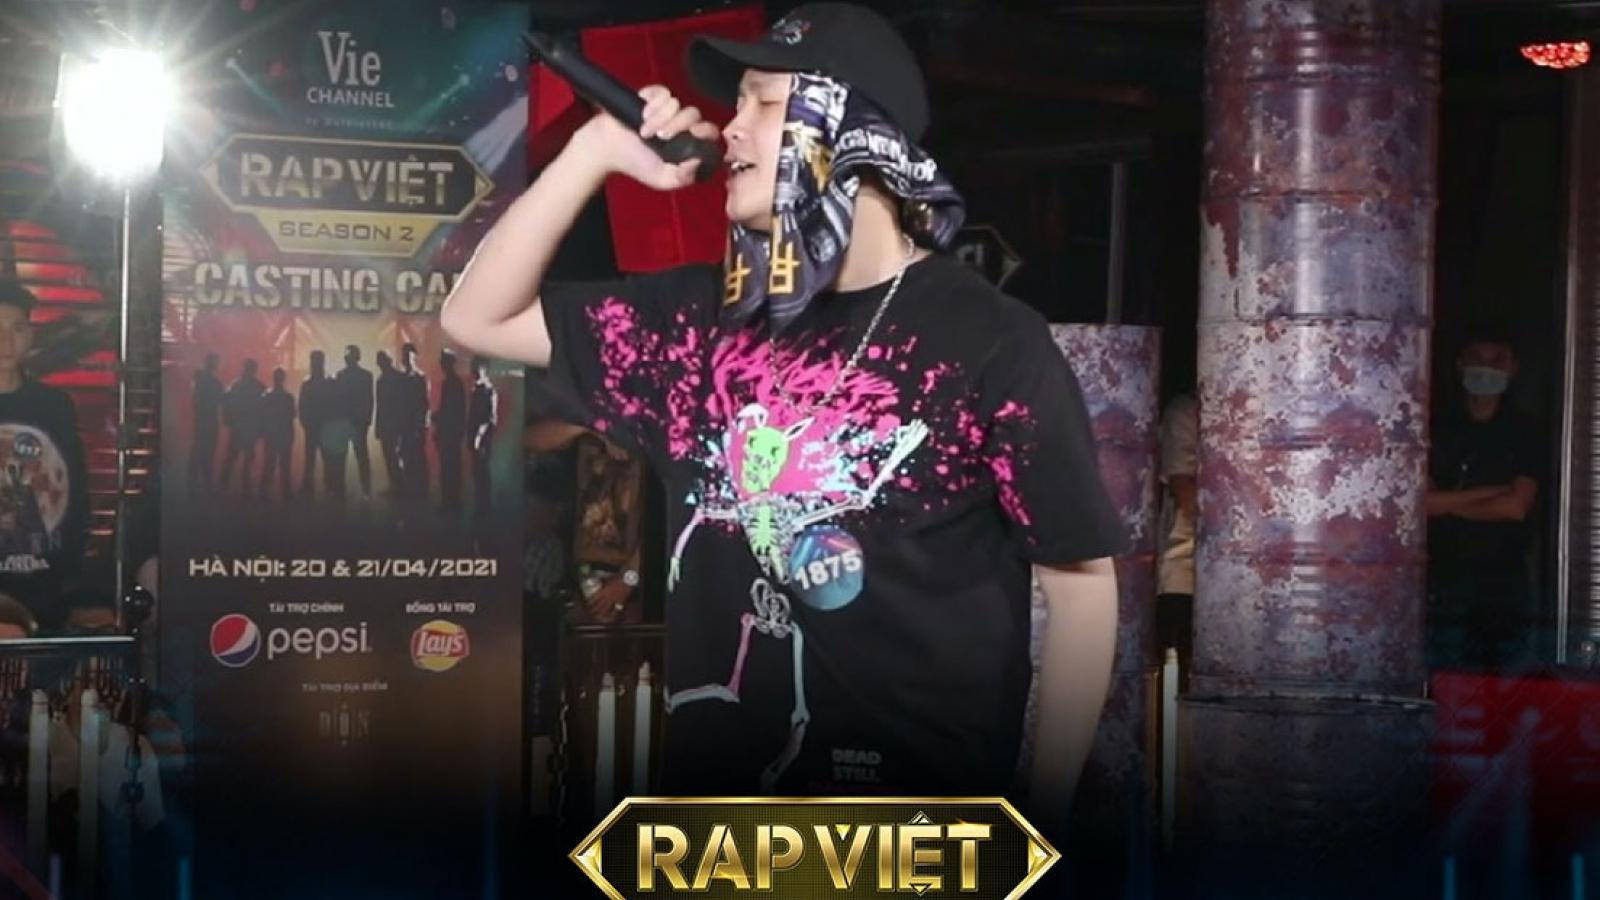 Sau Gonzo và MCK, 2 thành viên Rapital chính thức tham gia cuộc chiến Rap Việt - mùa 2